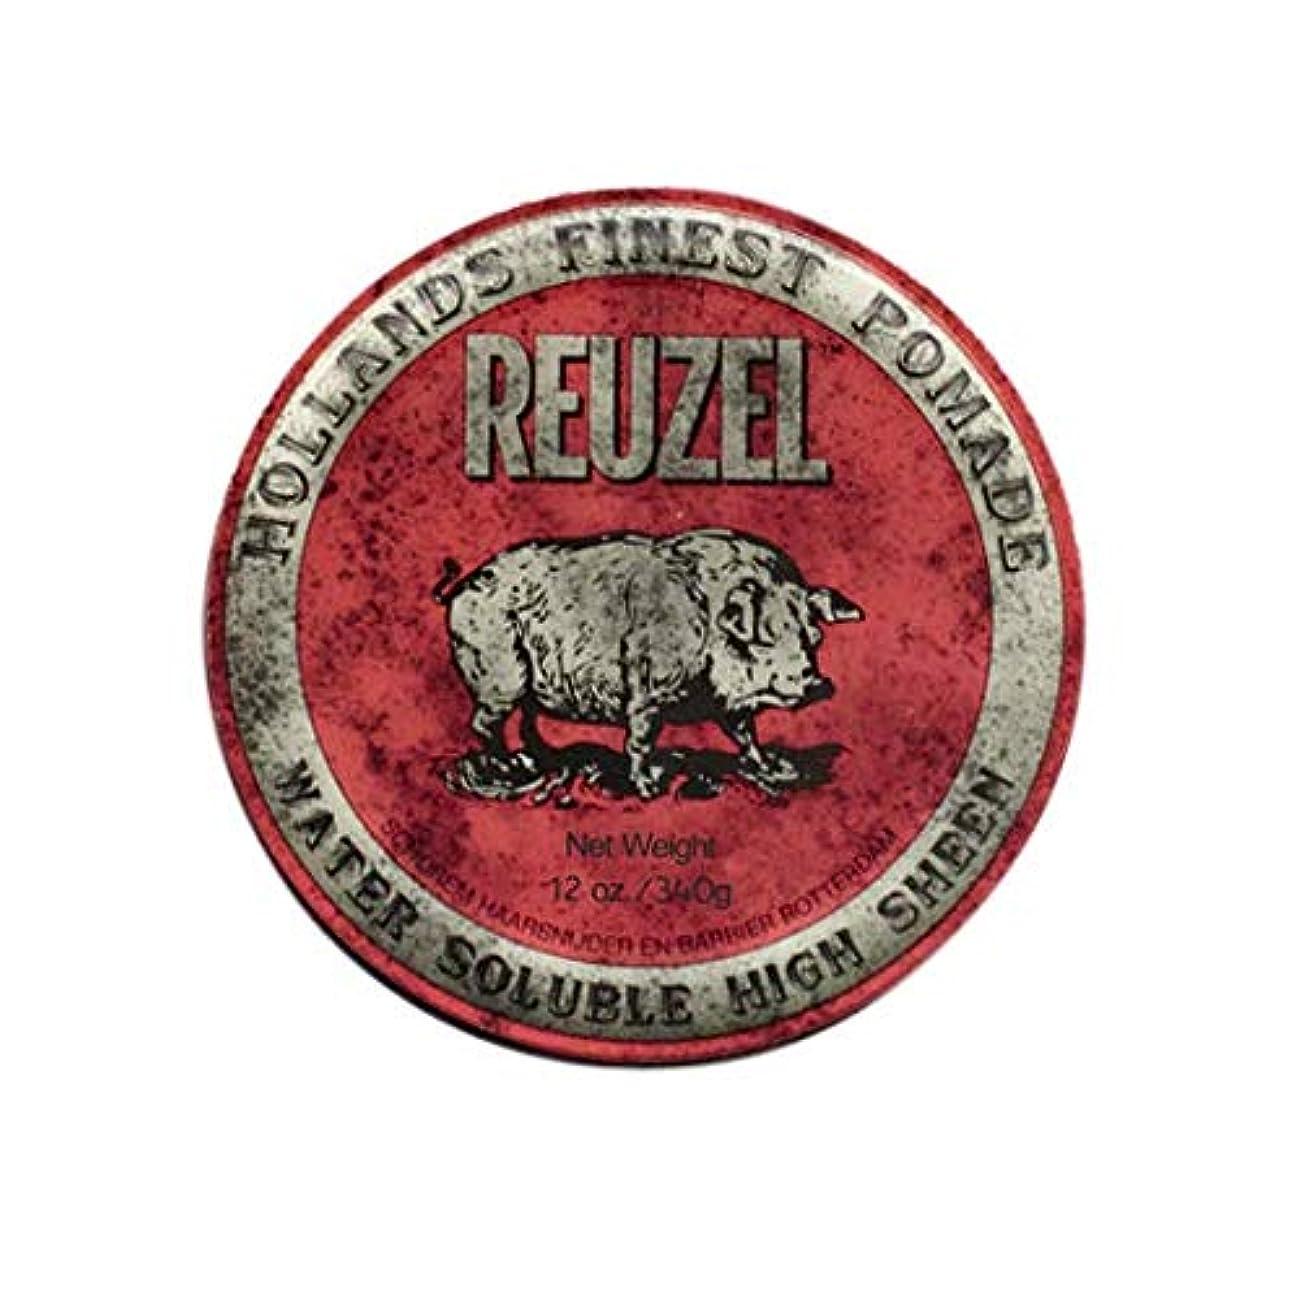 かかわらずのために妥協ルーゾー(REUZEL) ミディアムホールド レッド HIGH SHINE 340g